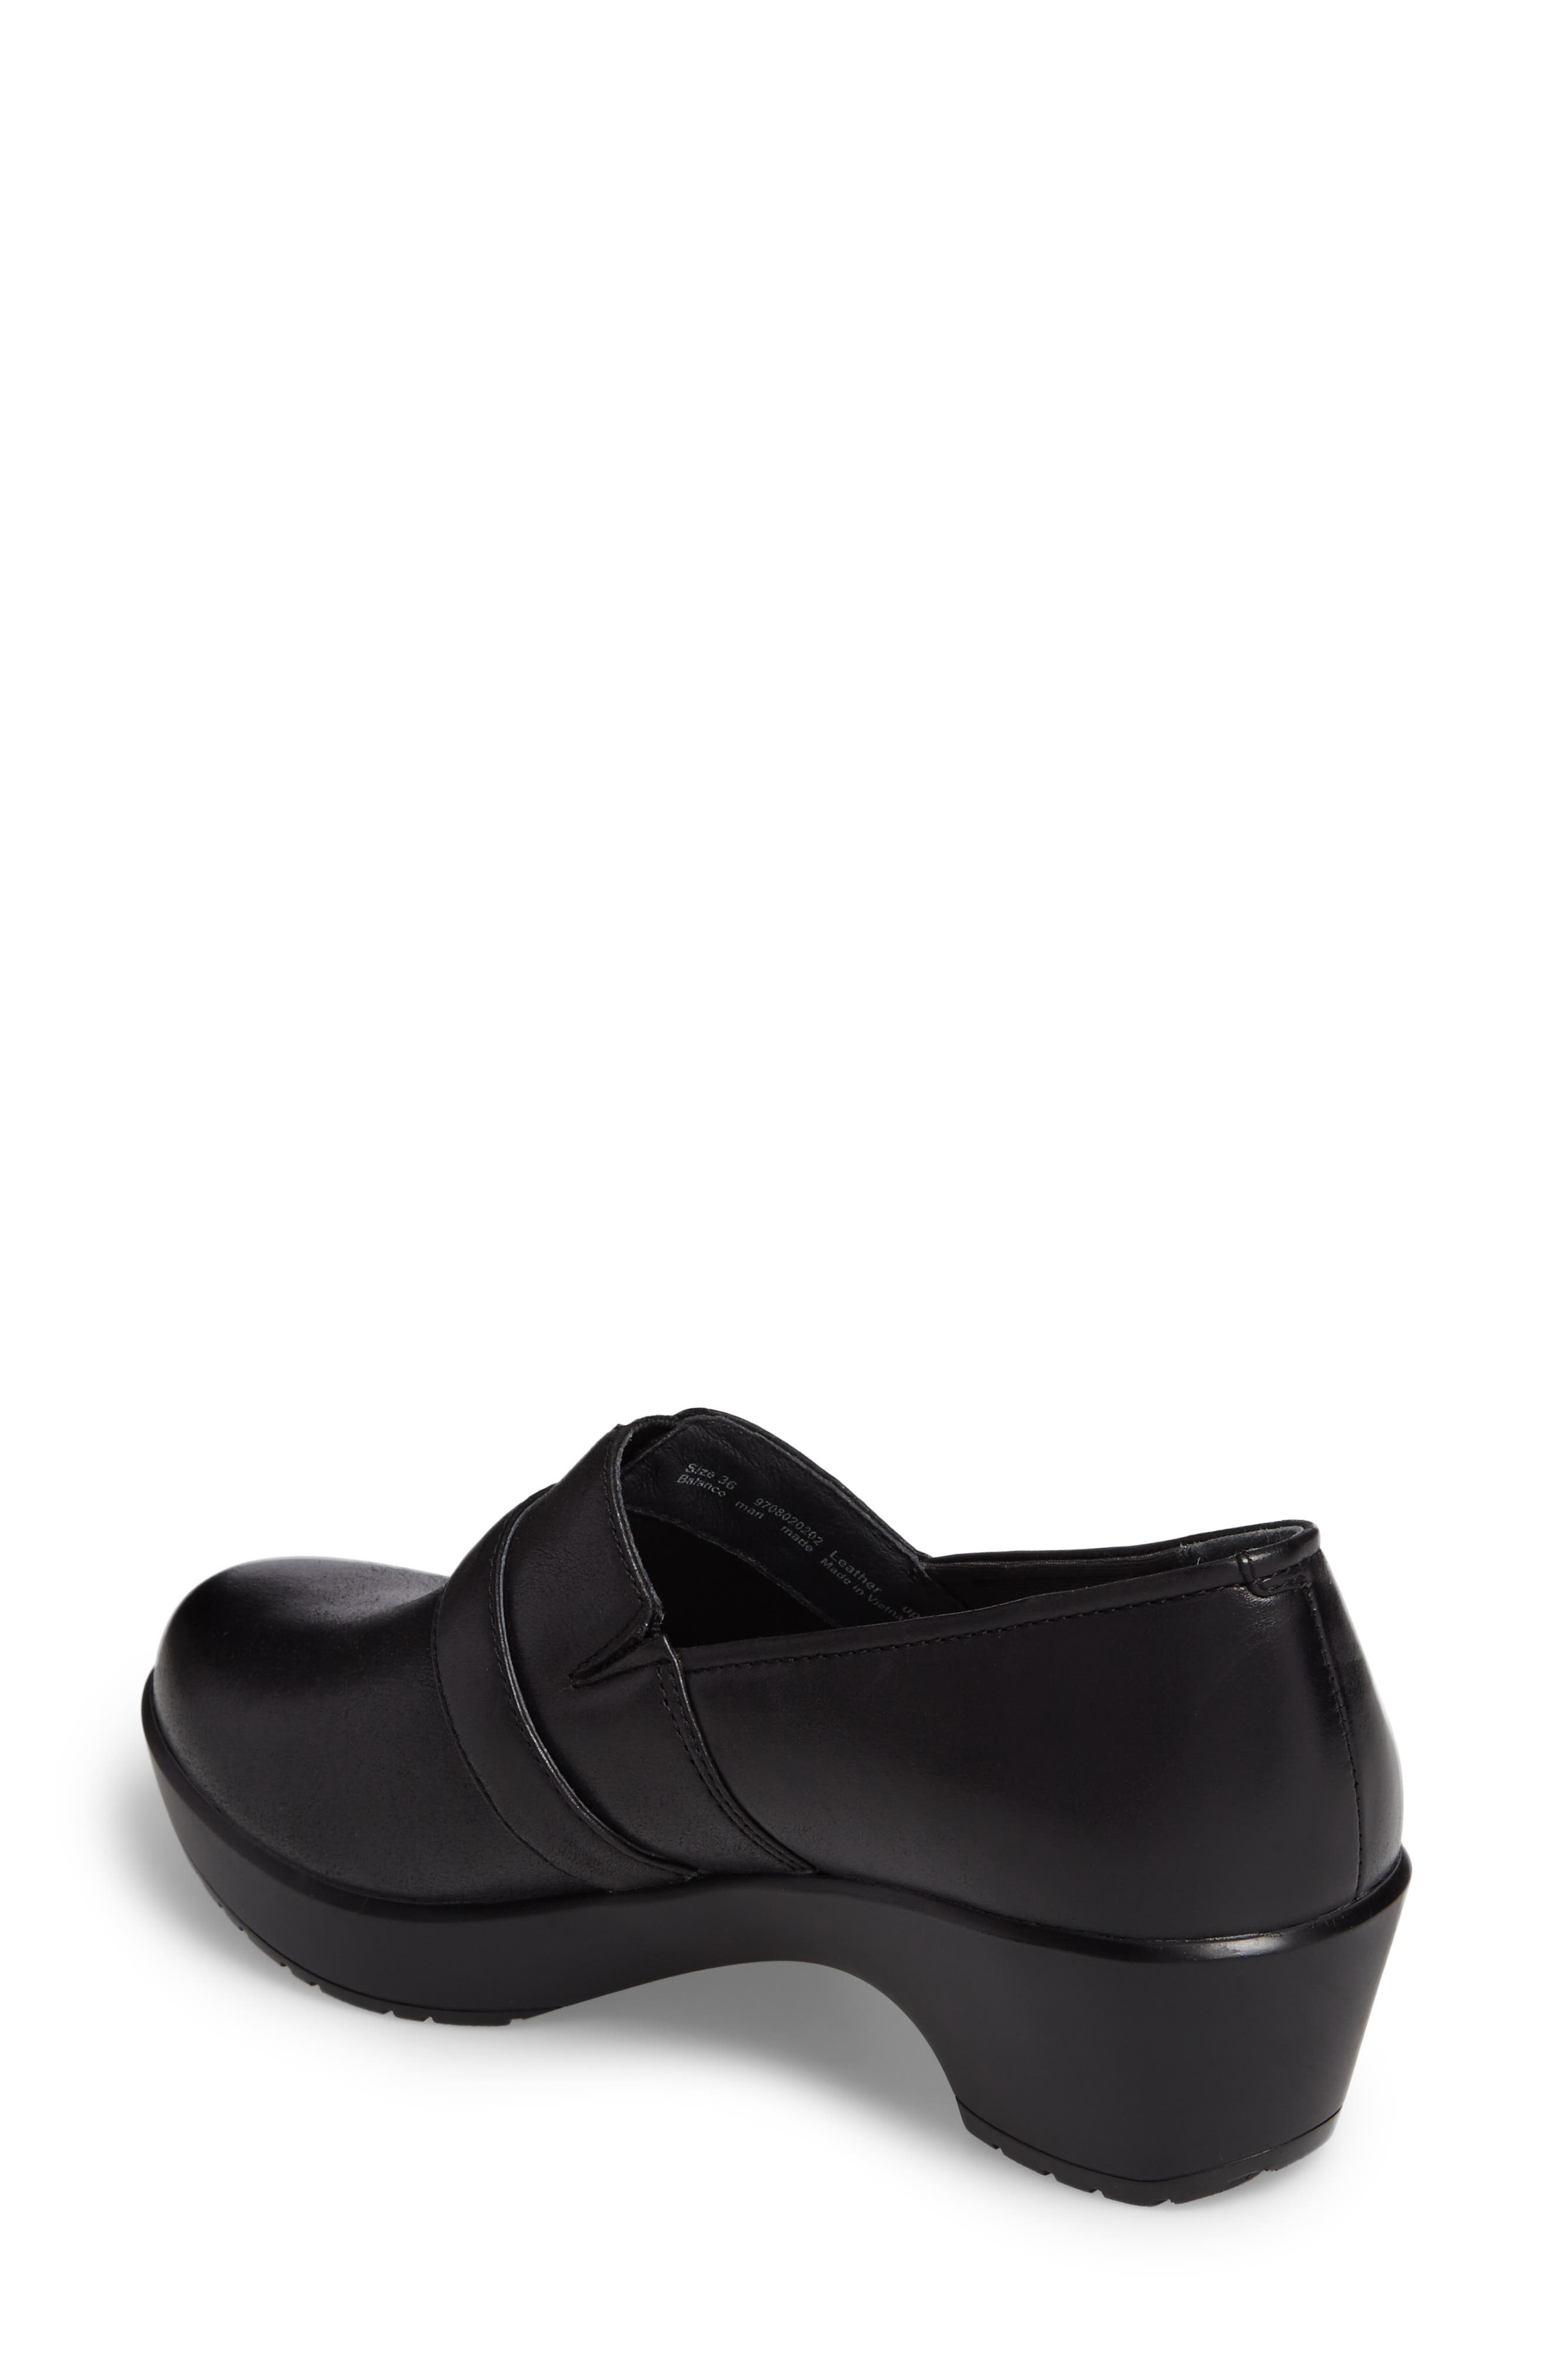 Jane Platform Loafer,                             Alternate thumbnail 2, color,                             Black Burnished Nappa Leather